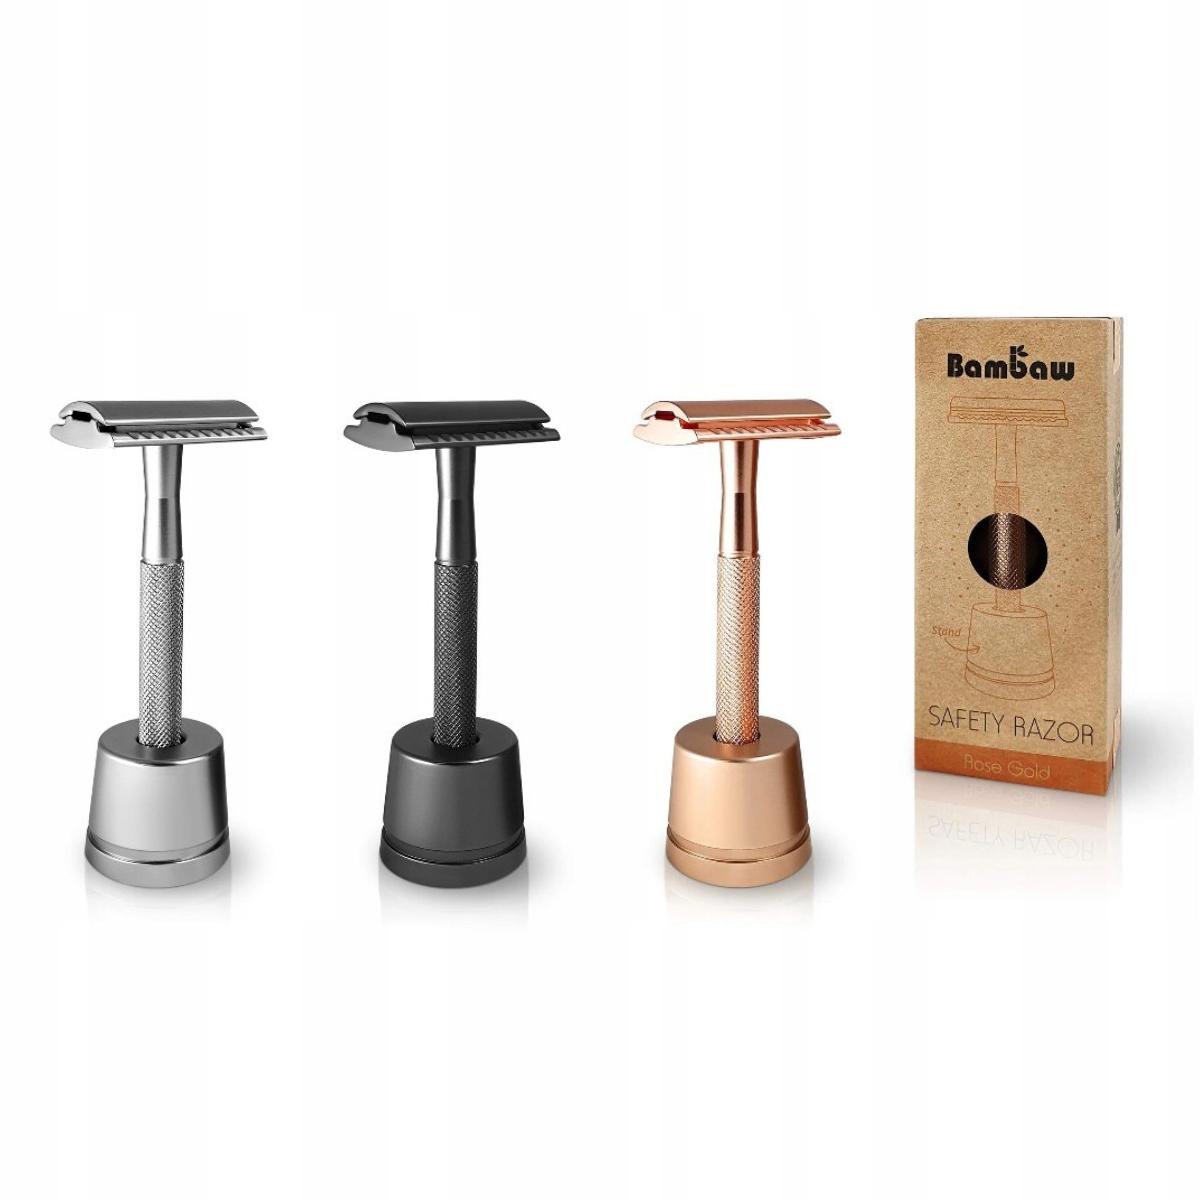 Maszynka do golenia żyletka+stojak czarna BAMBAW Kod producenta 2509